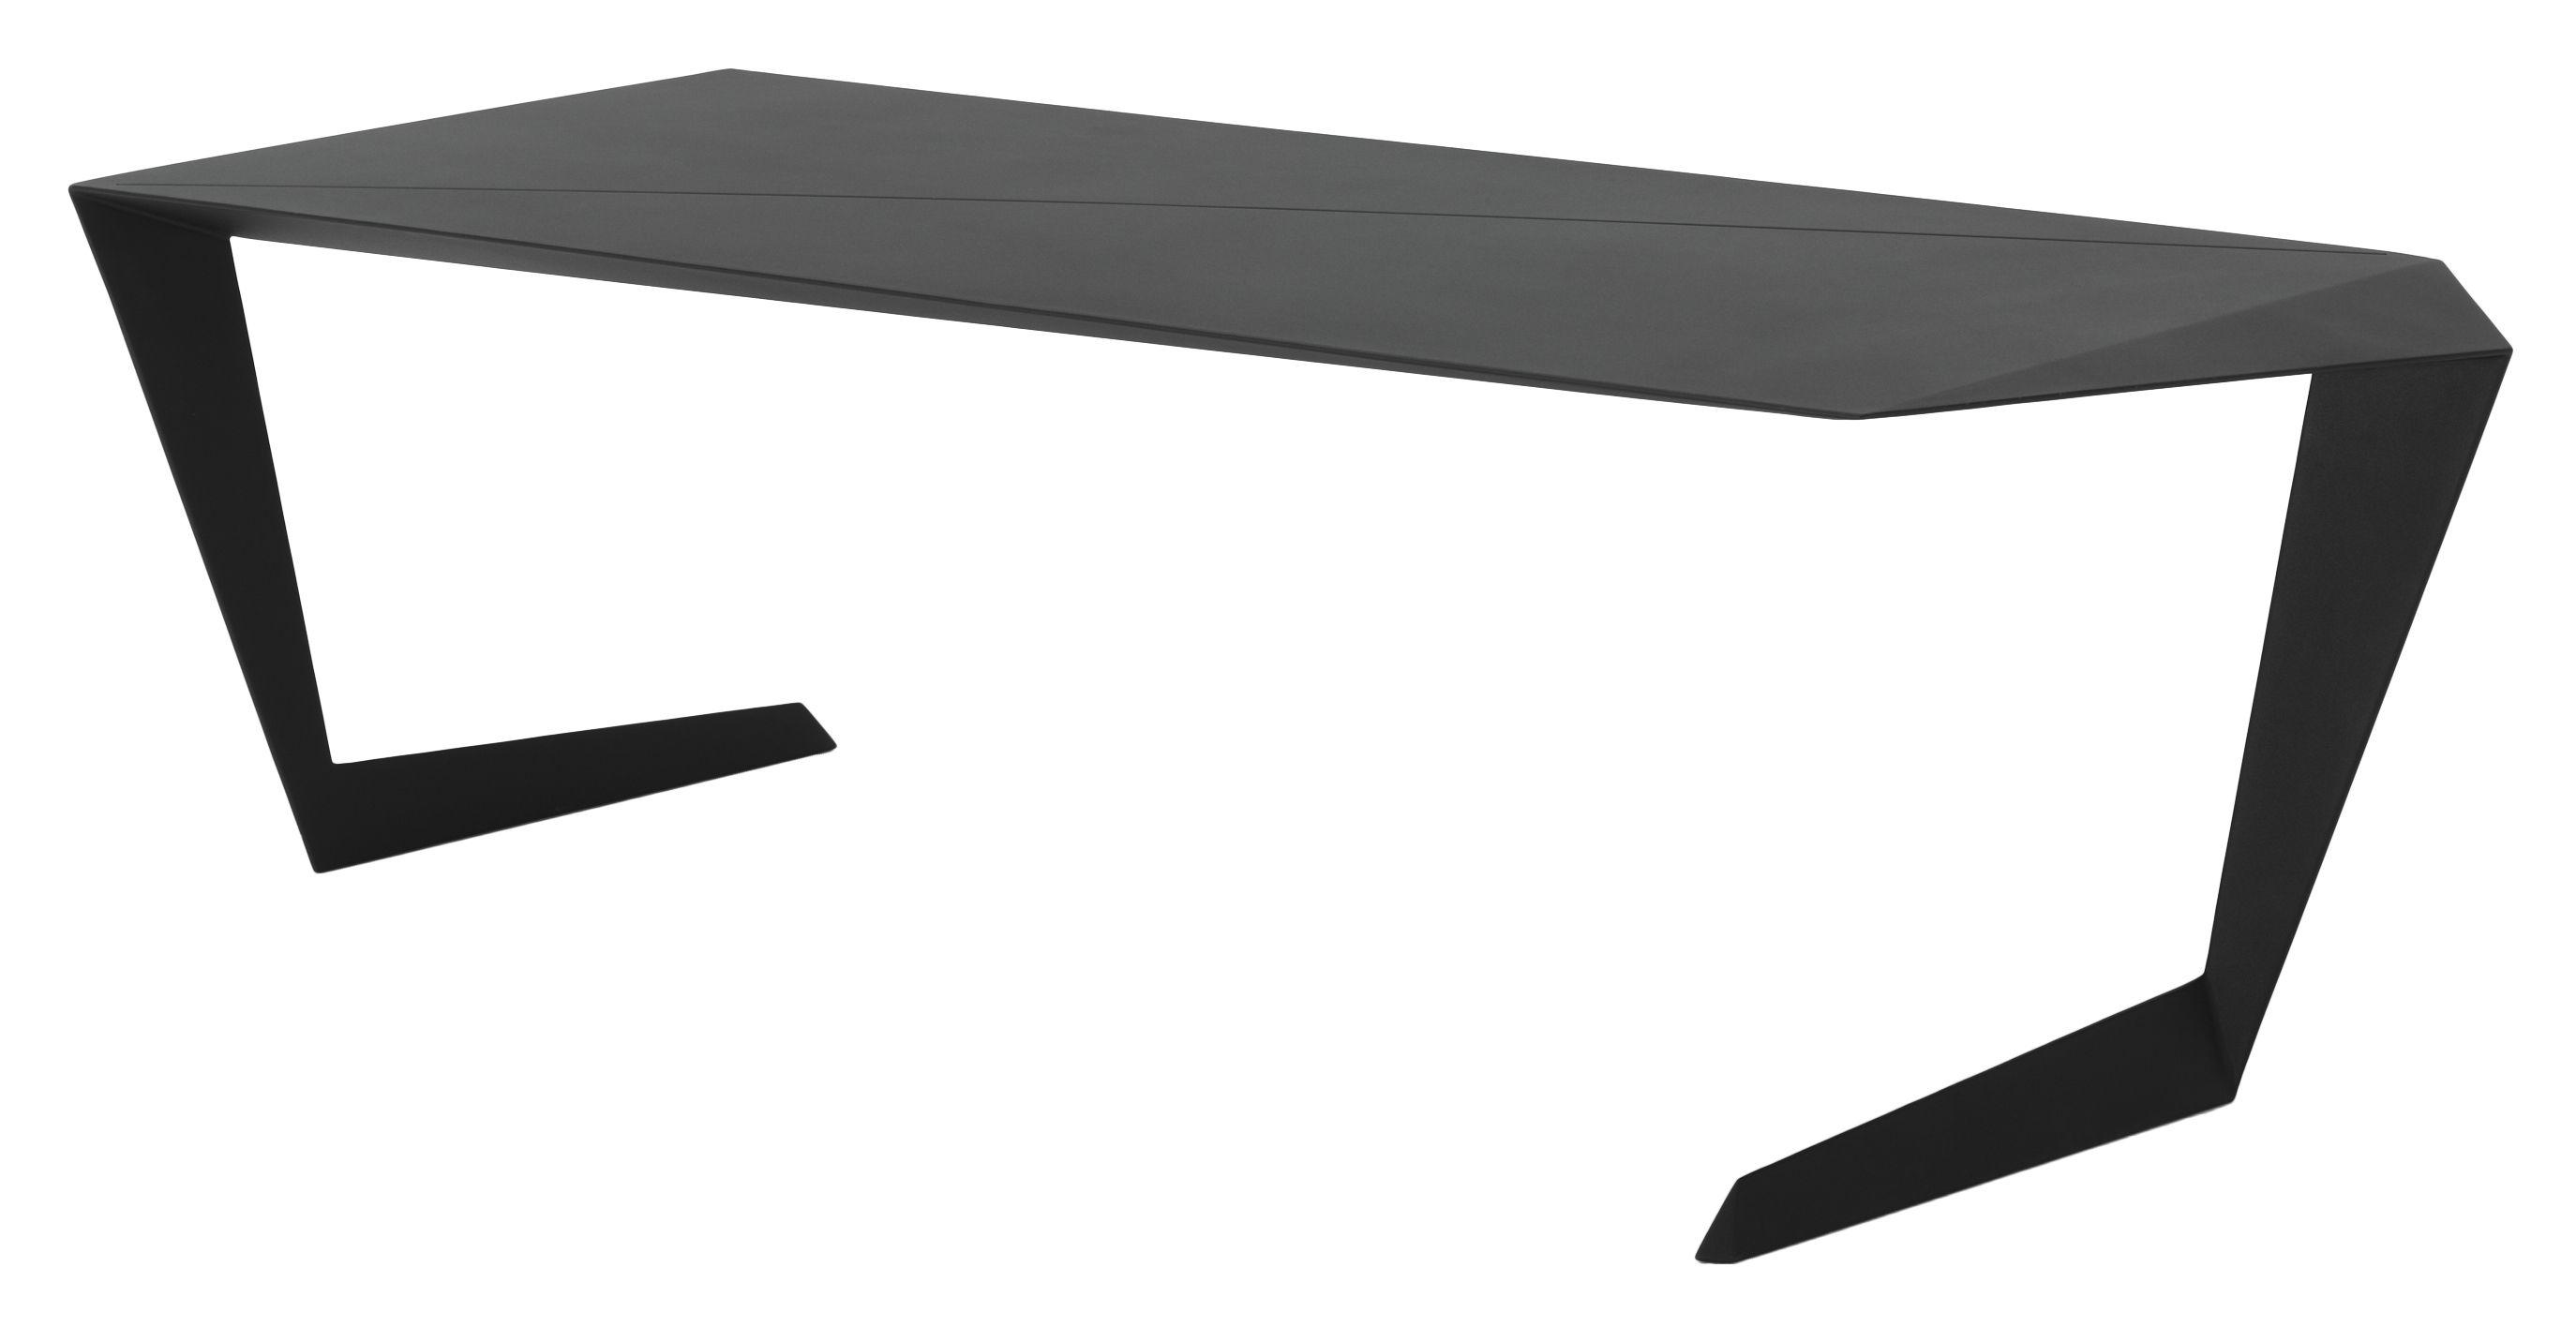 Arredamento - Mobili da ufficio - Tavolo rettangolare N-7 di Casamania - Nero - alluminio verniciato